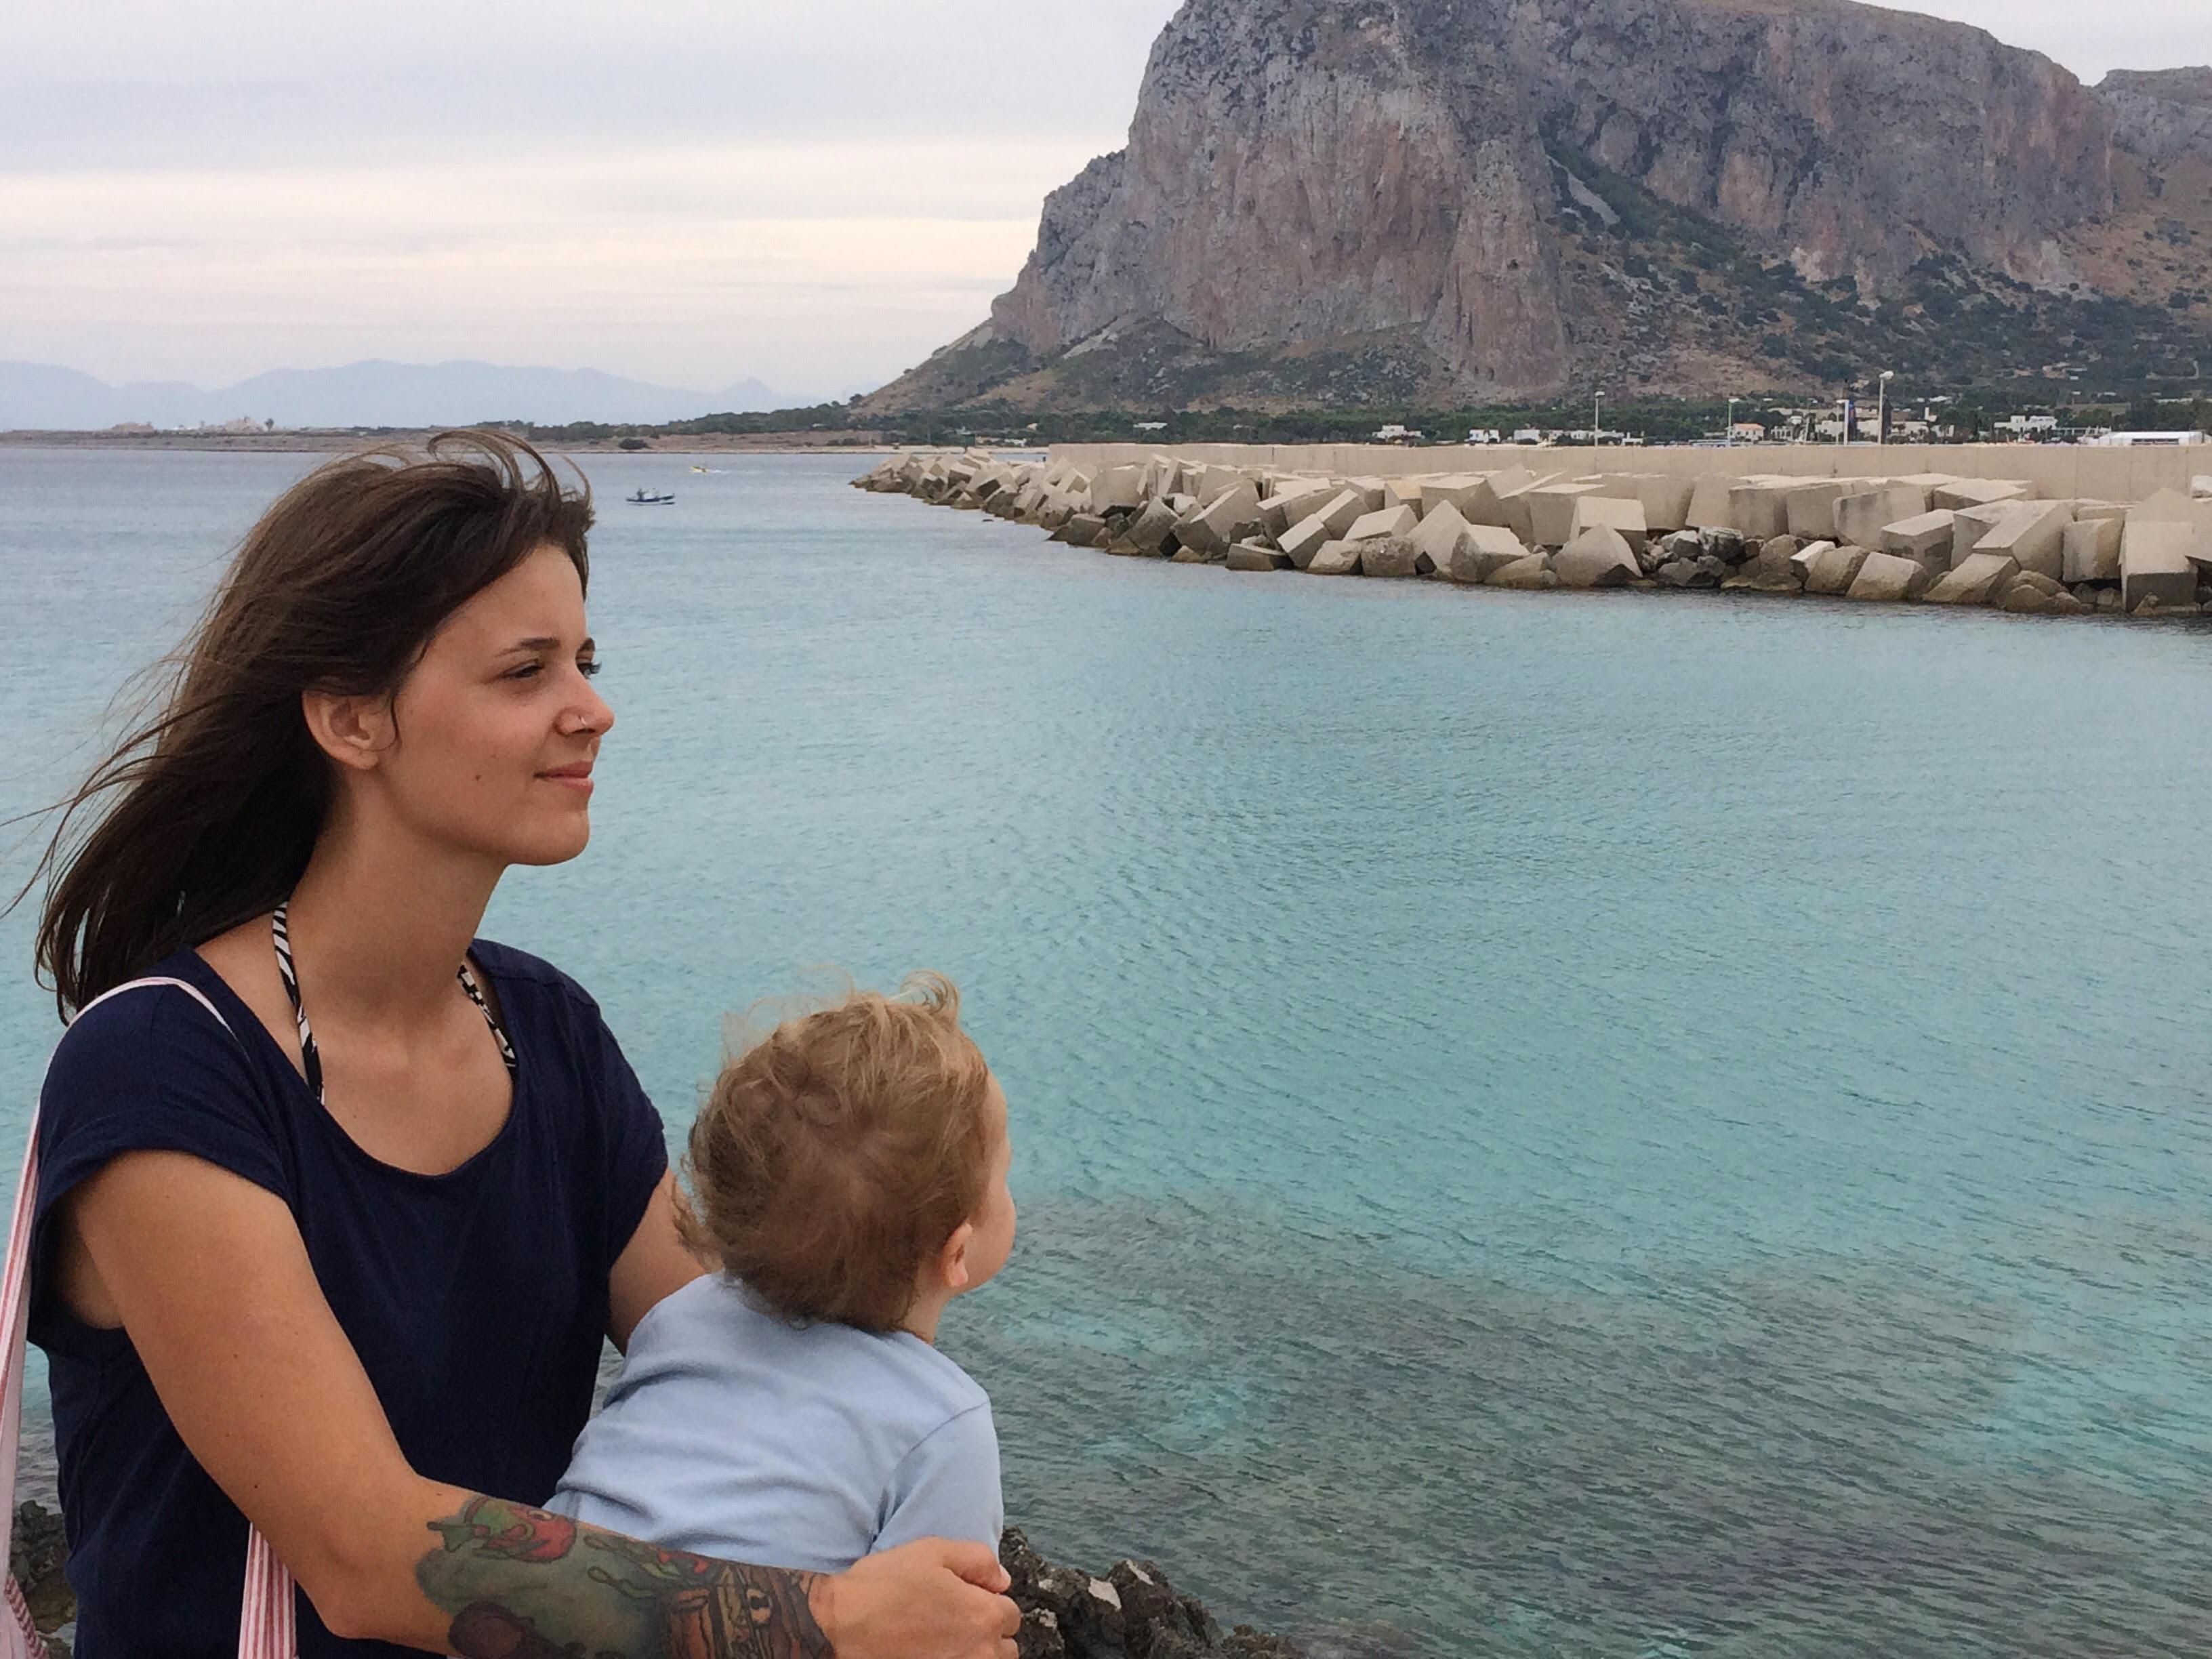 путешествия с детьми Все о путешествиях с детьми unnamed 20 2